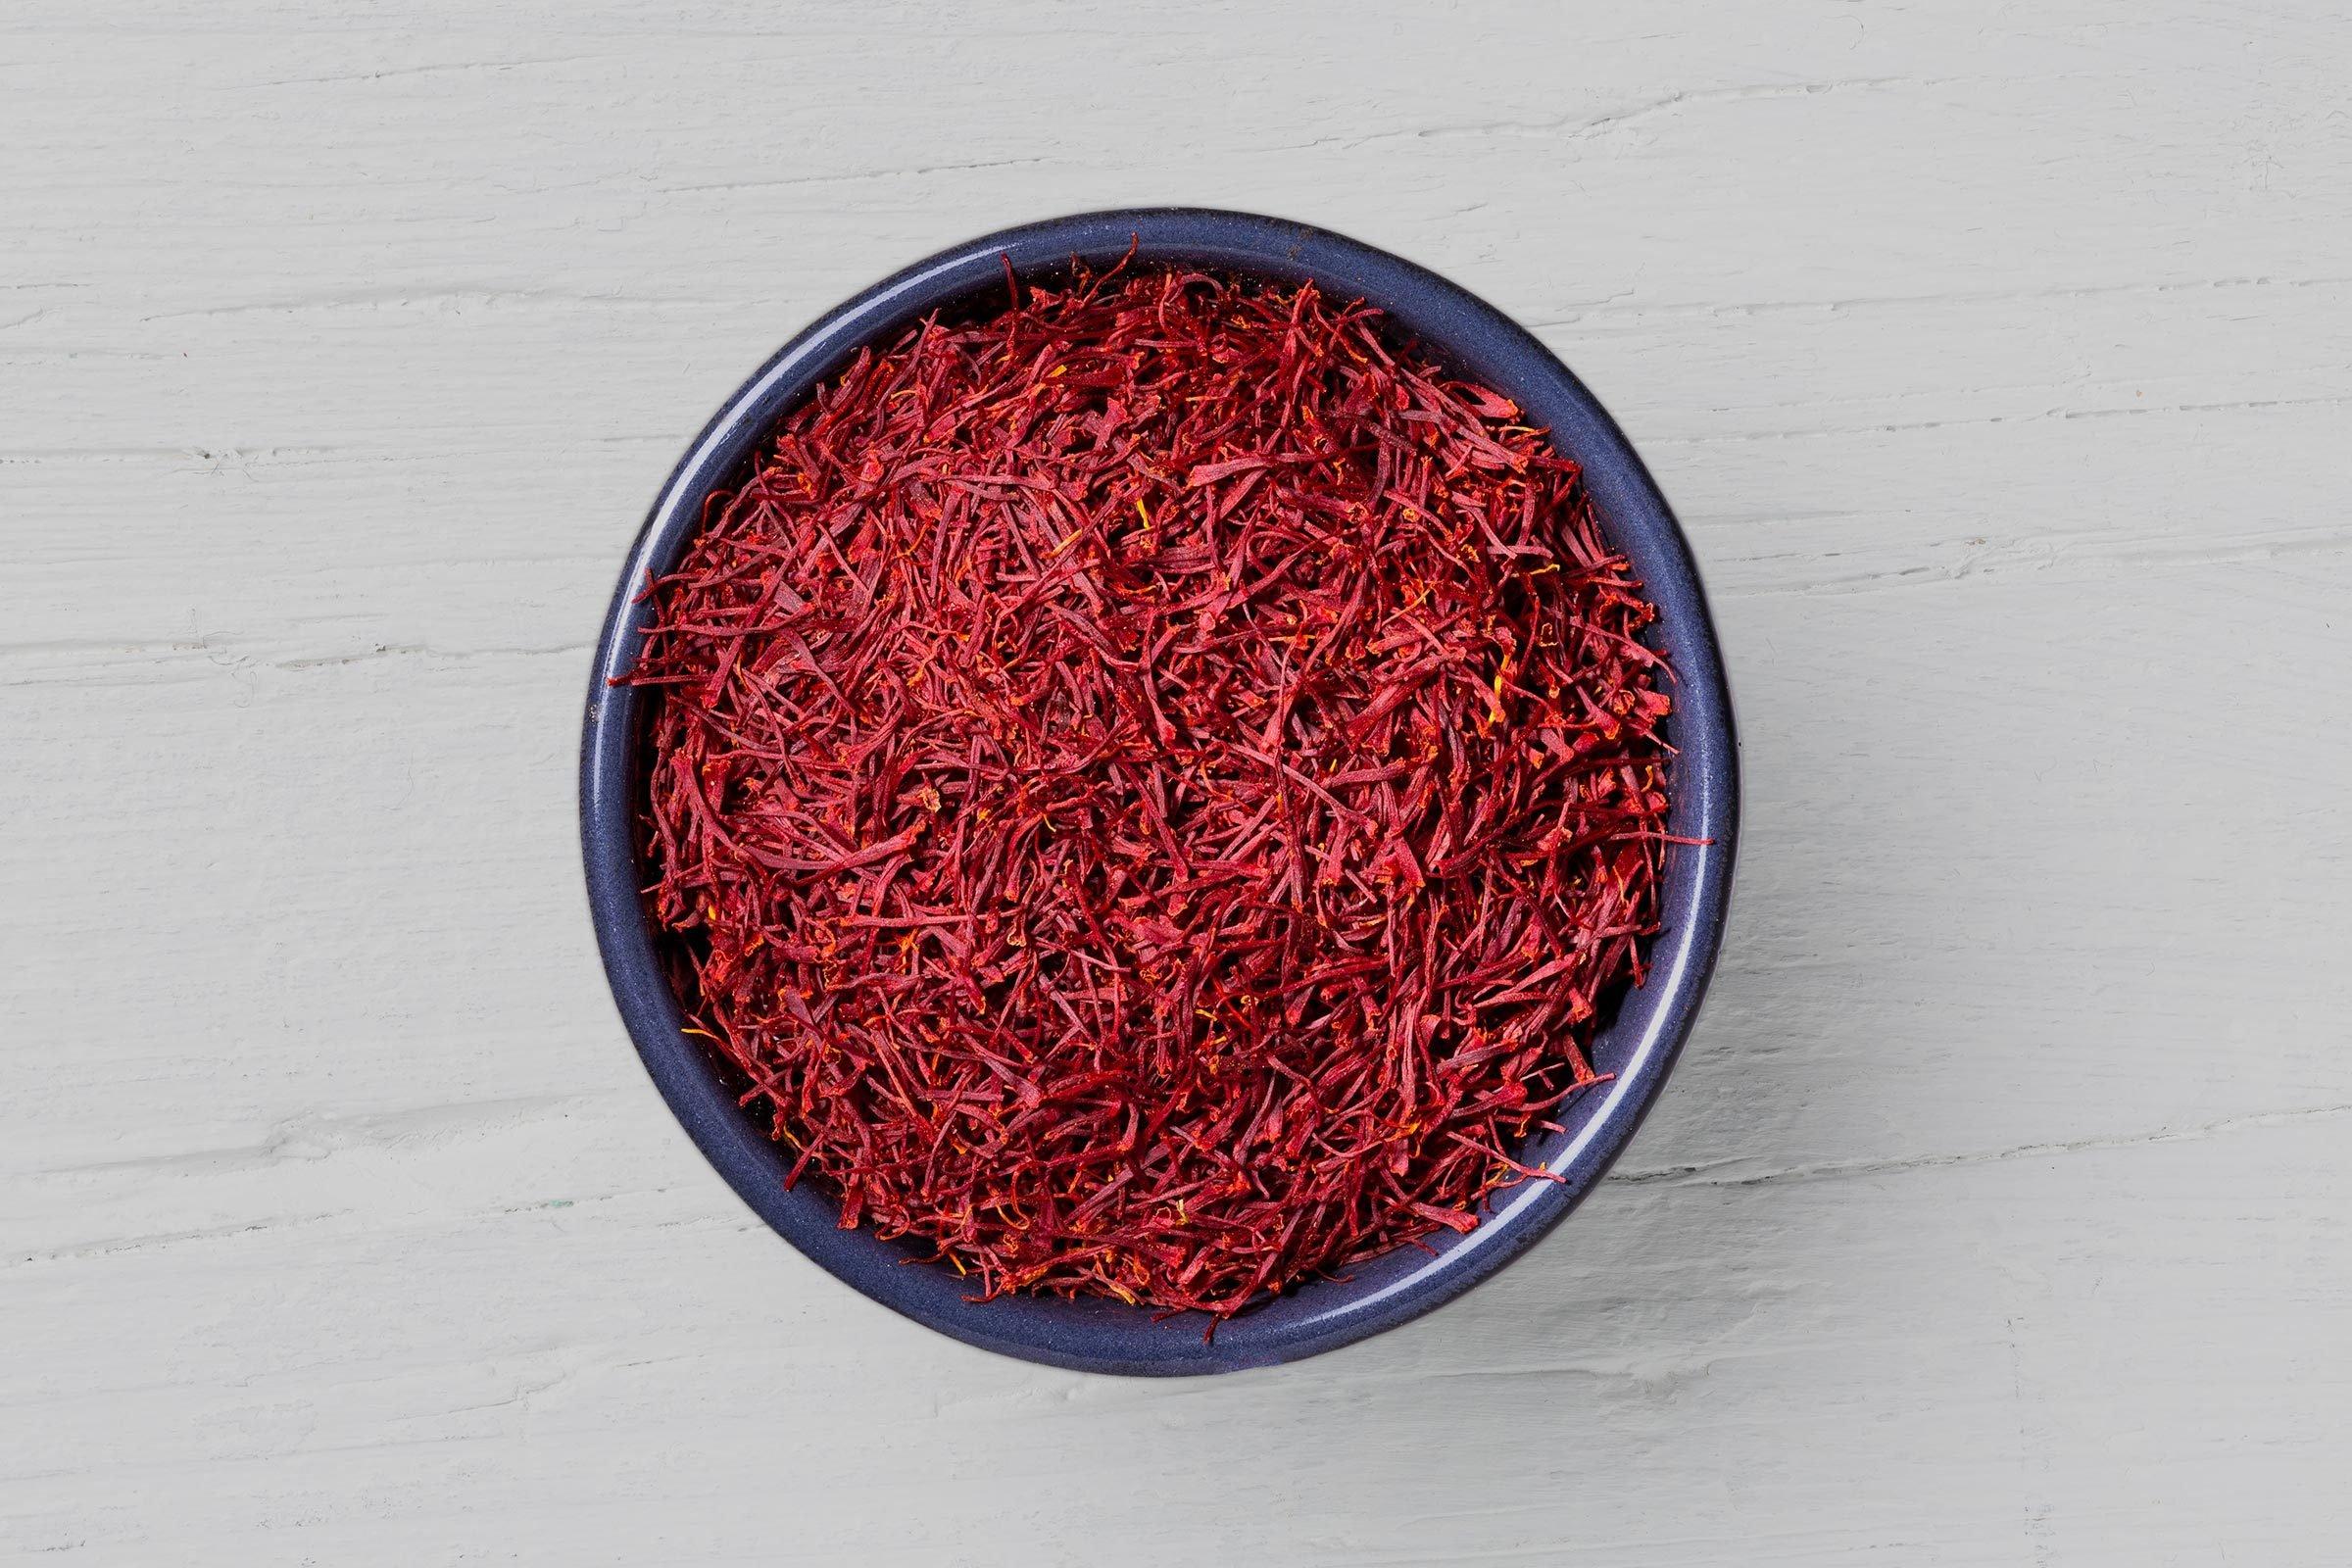 Saffron threads in a round mug on white wooden background